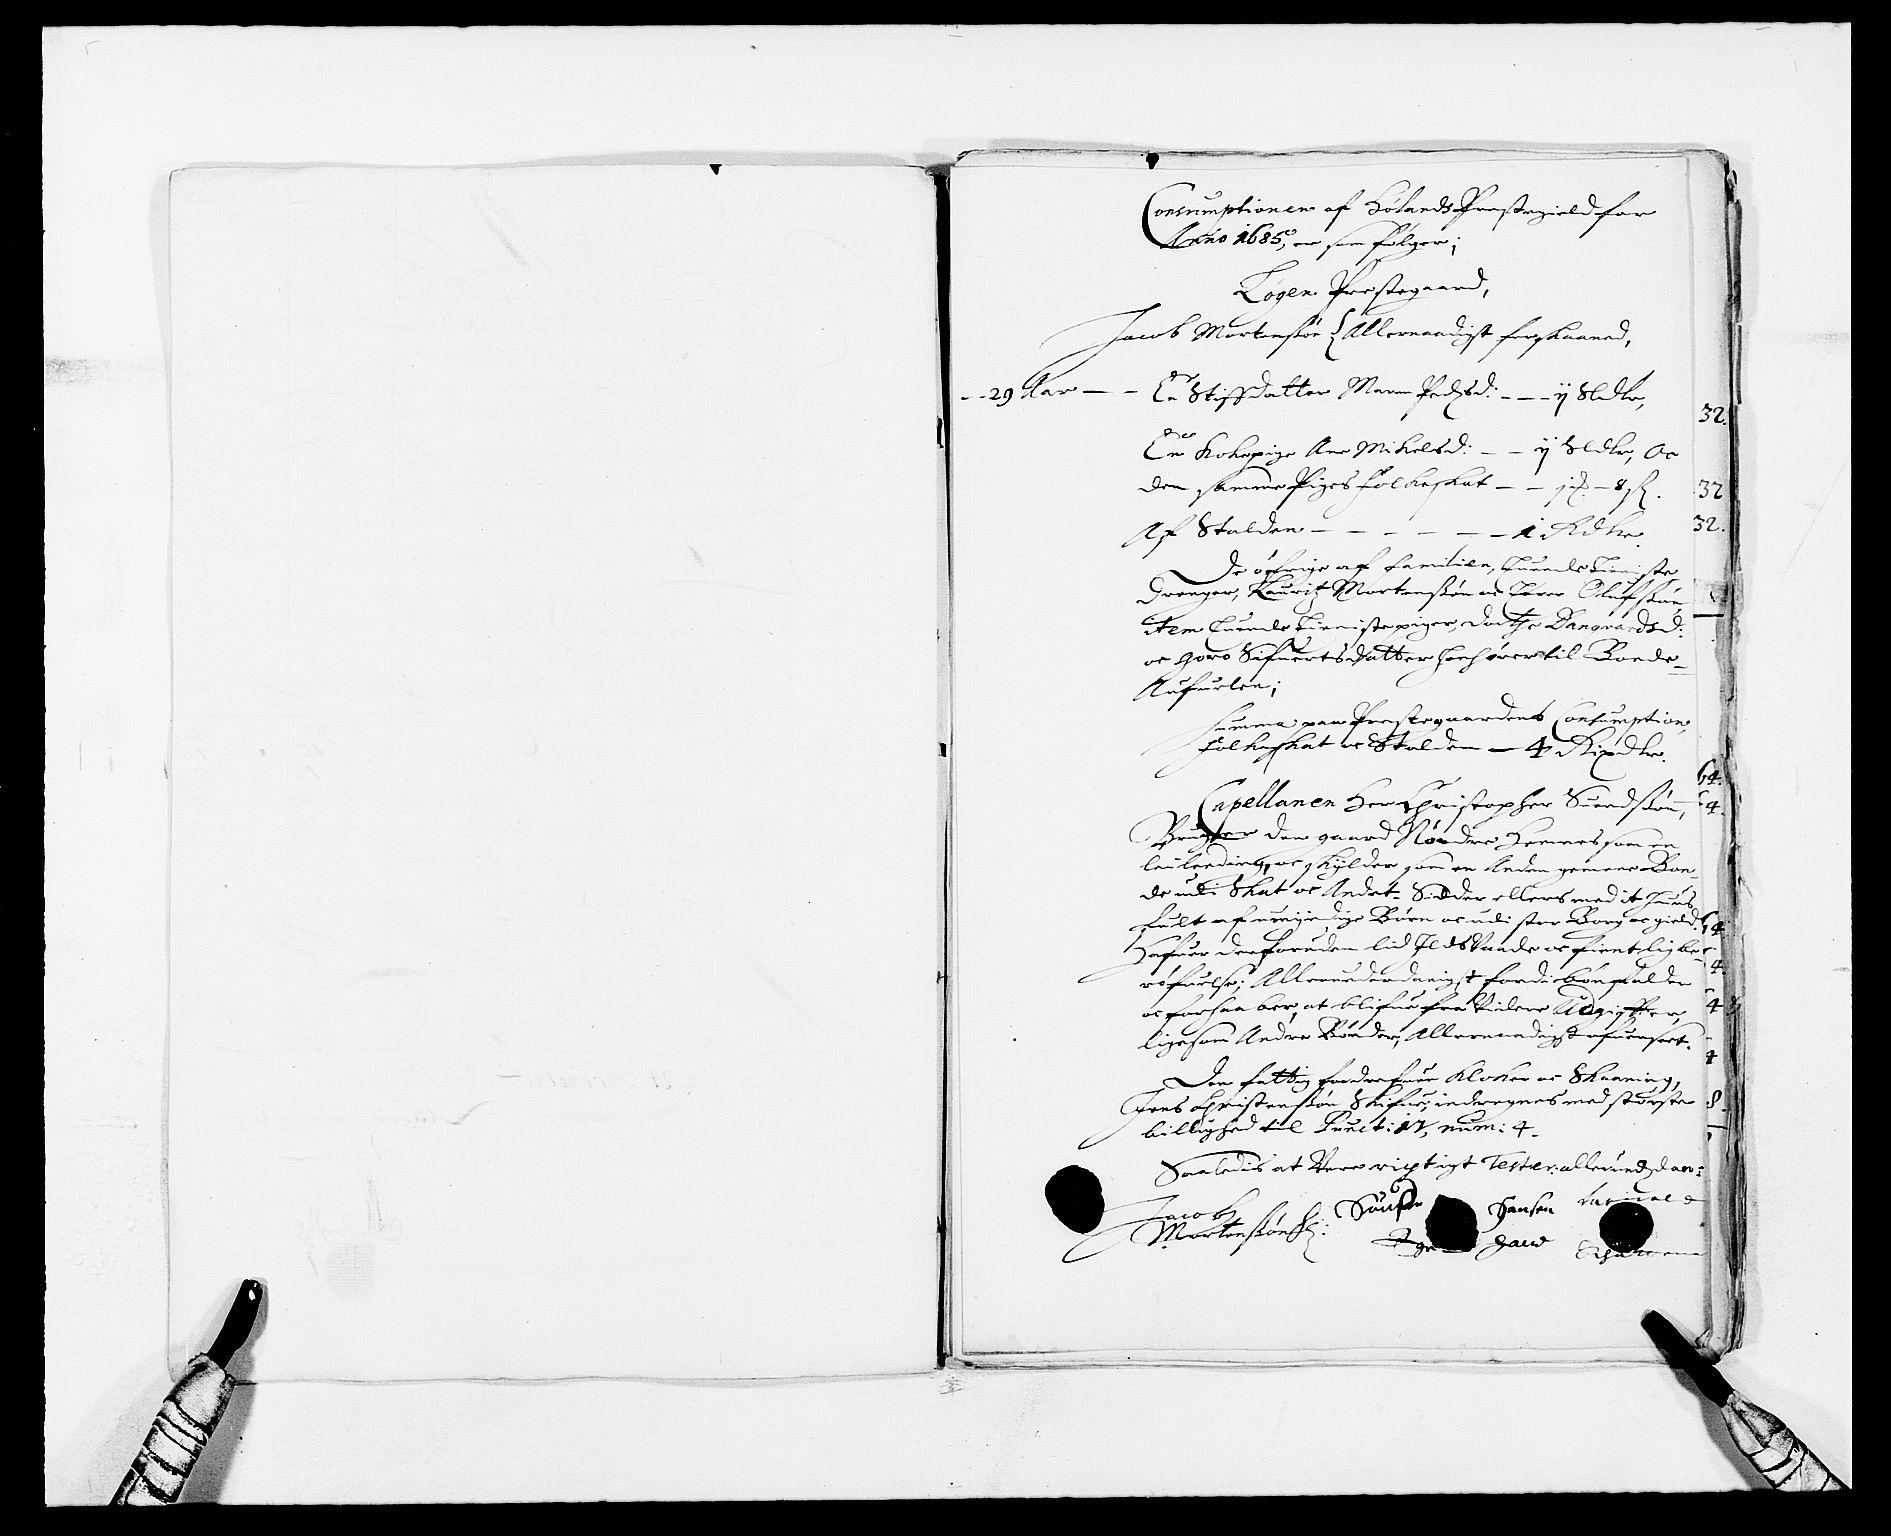 RA, Rentekammeret inntil 1814, Reviderte regnskaper, Fogderegnskap, R11/L0571: Fogderegnskap Nedre Romerike, 1683-1685, s. 503